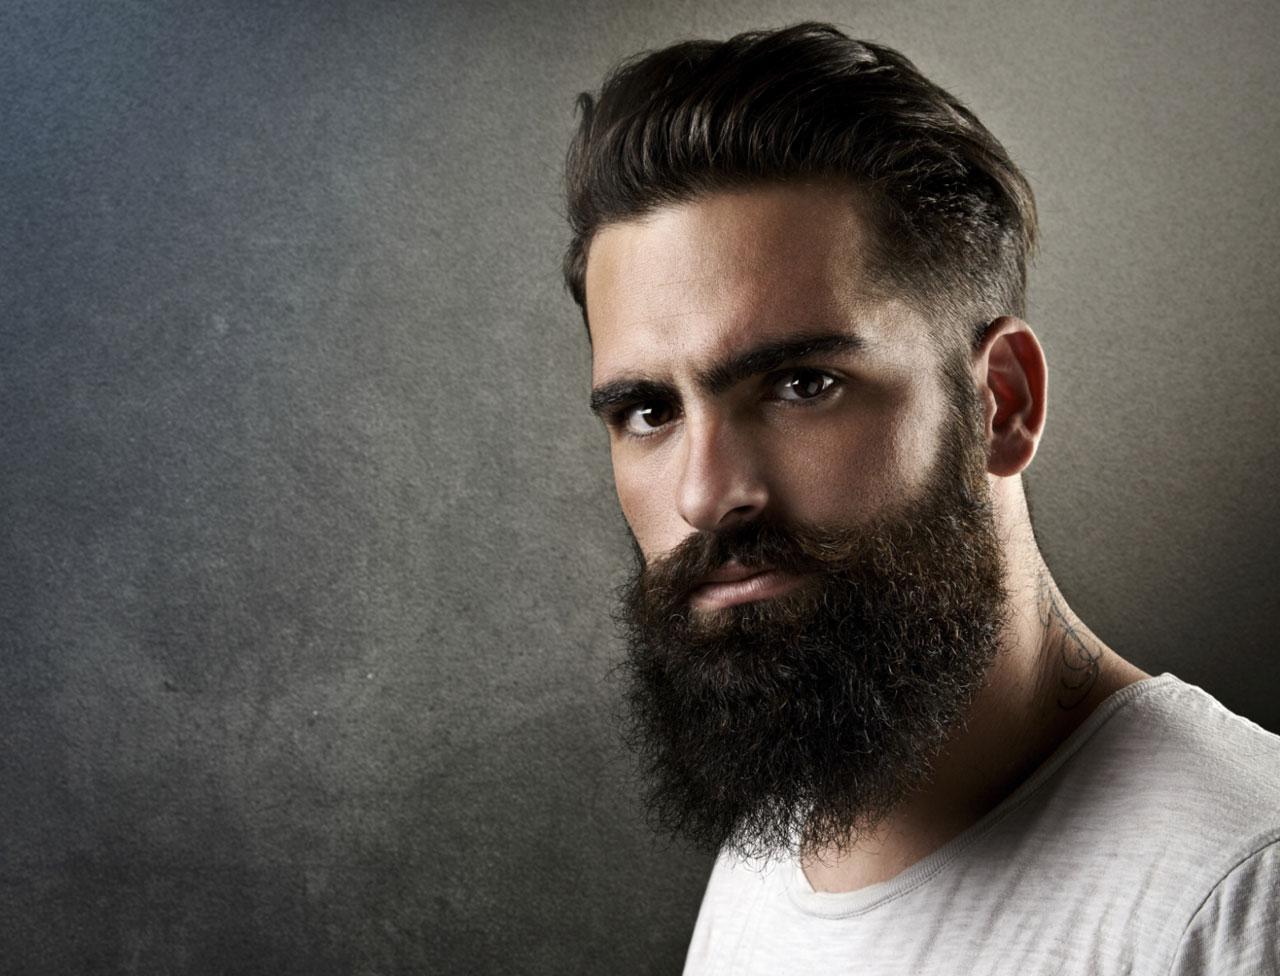 pour tailler sa barbe il faut disposer d 39 un n cessaire adapt ces traitements. Black Bedroom Furniture Sets. Home Design Ideas